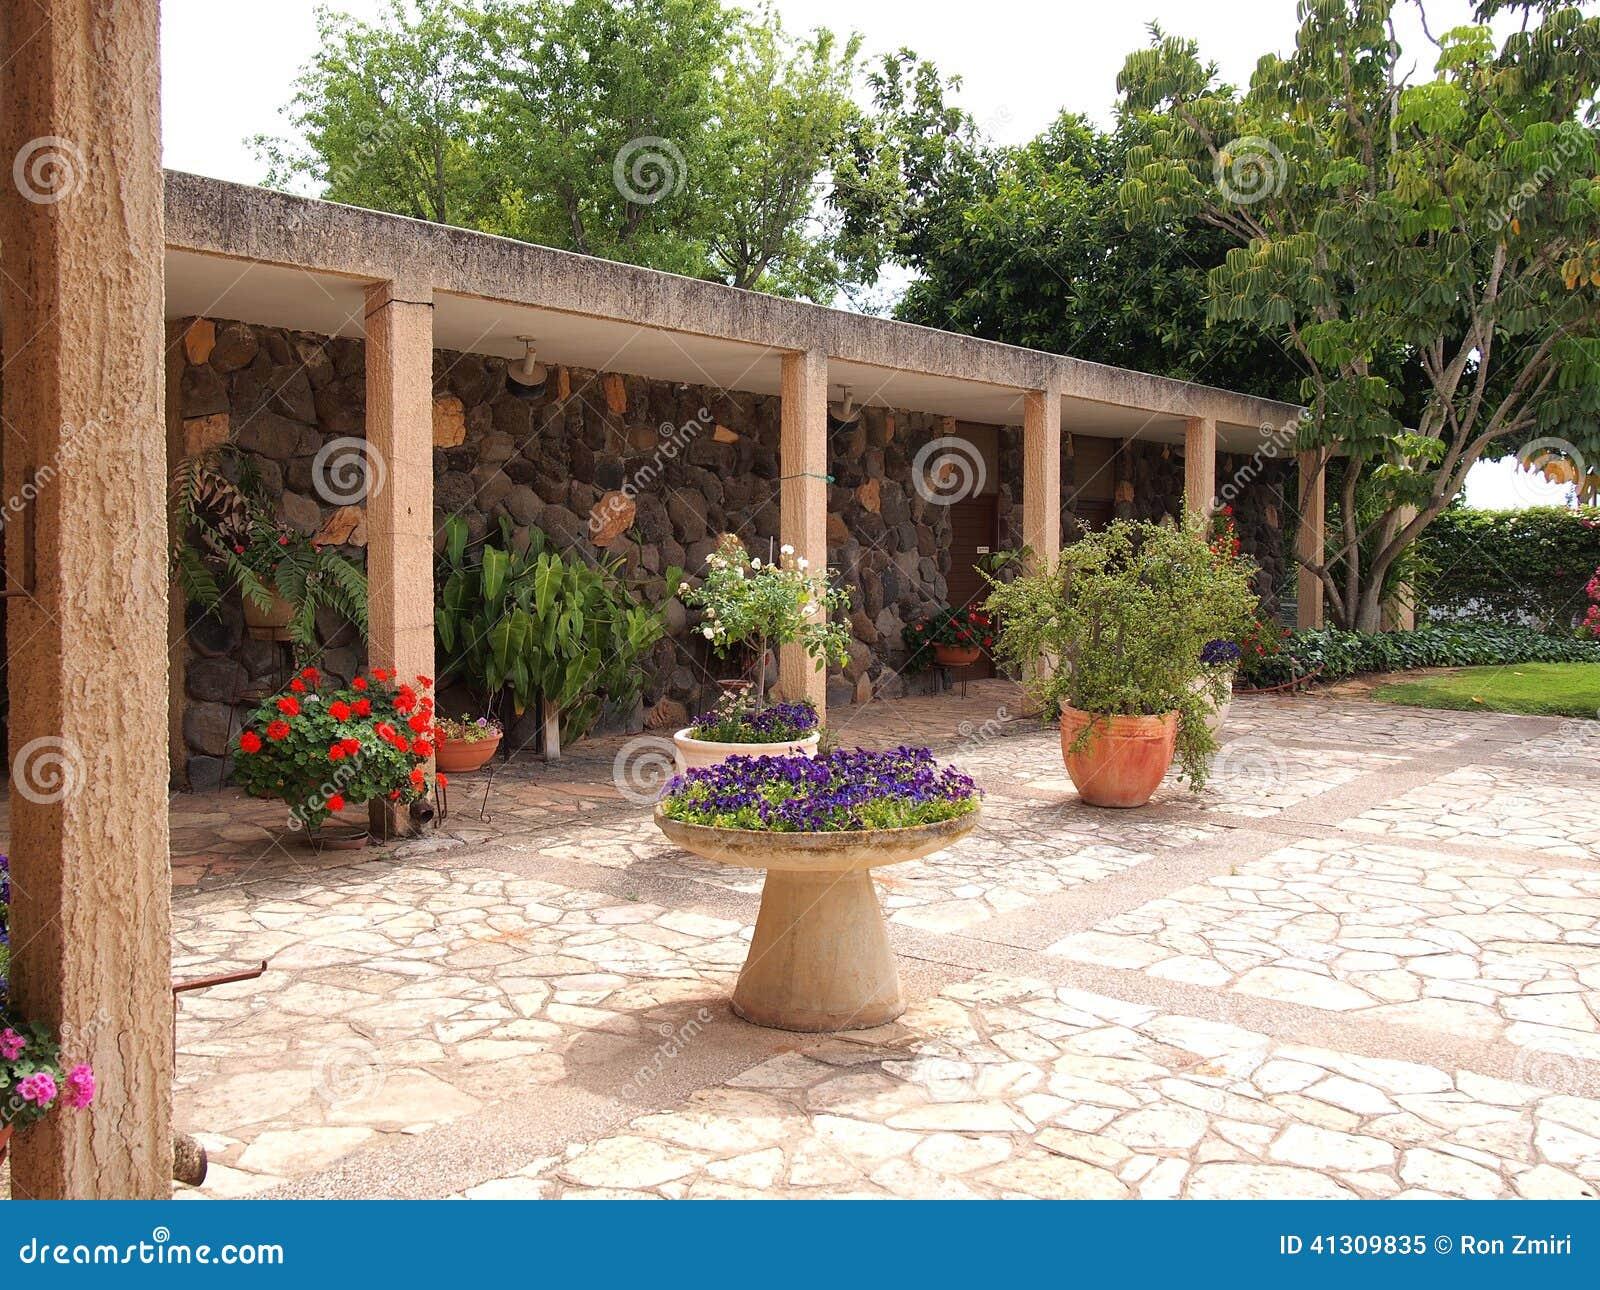 Giardino mediterraneo di stile immagine stock immagine for Giardino mediterraneo